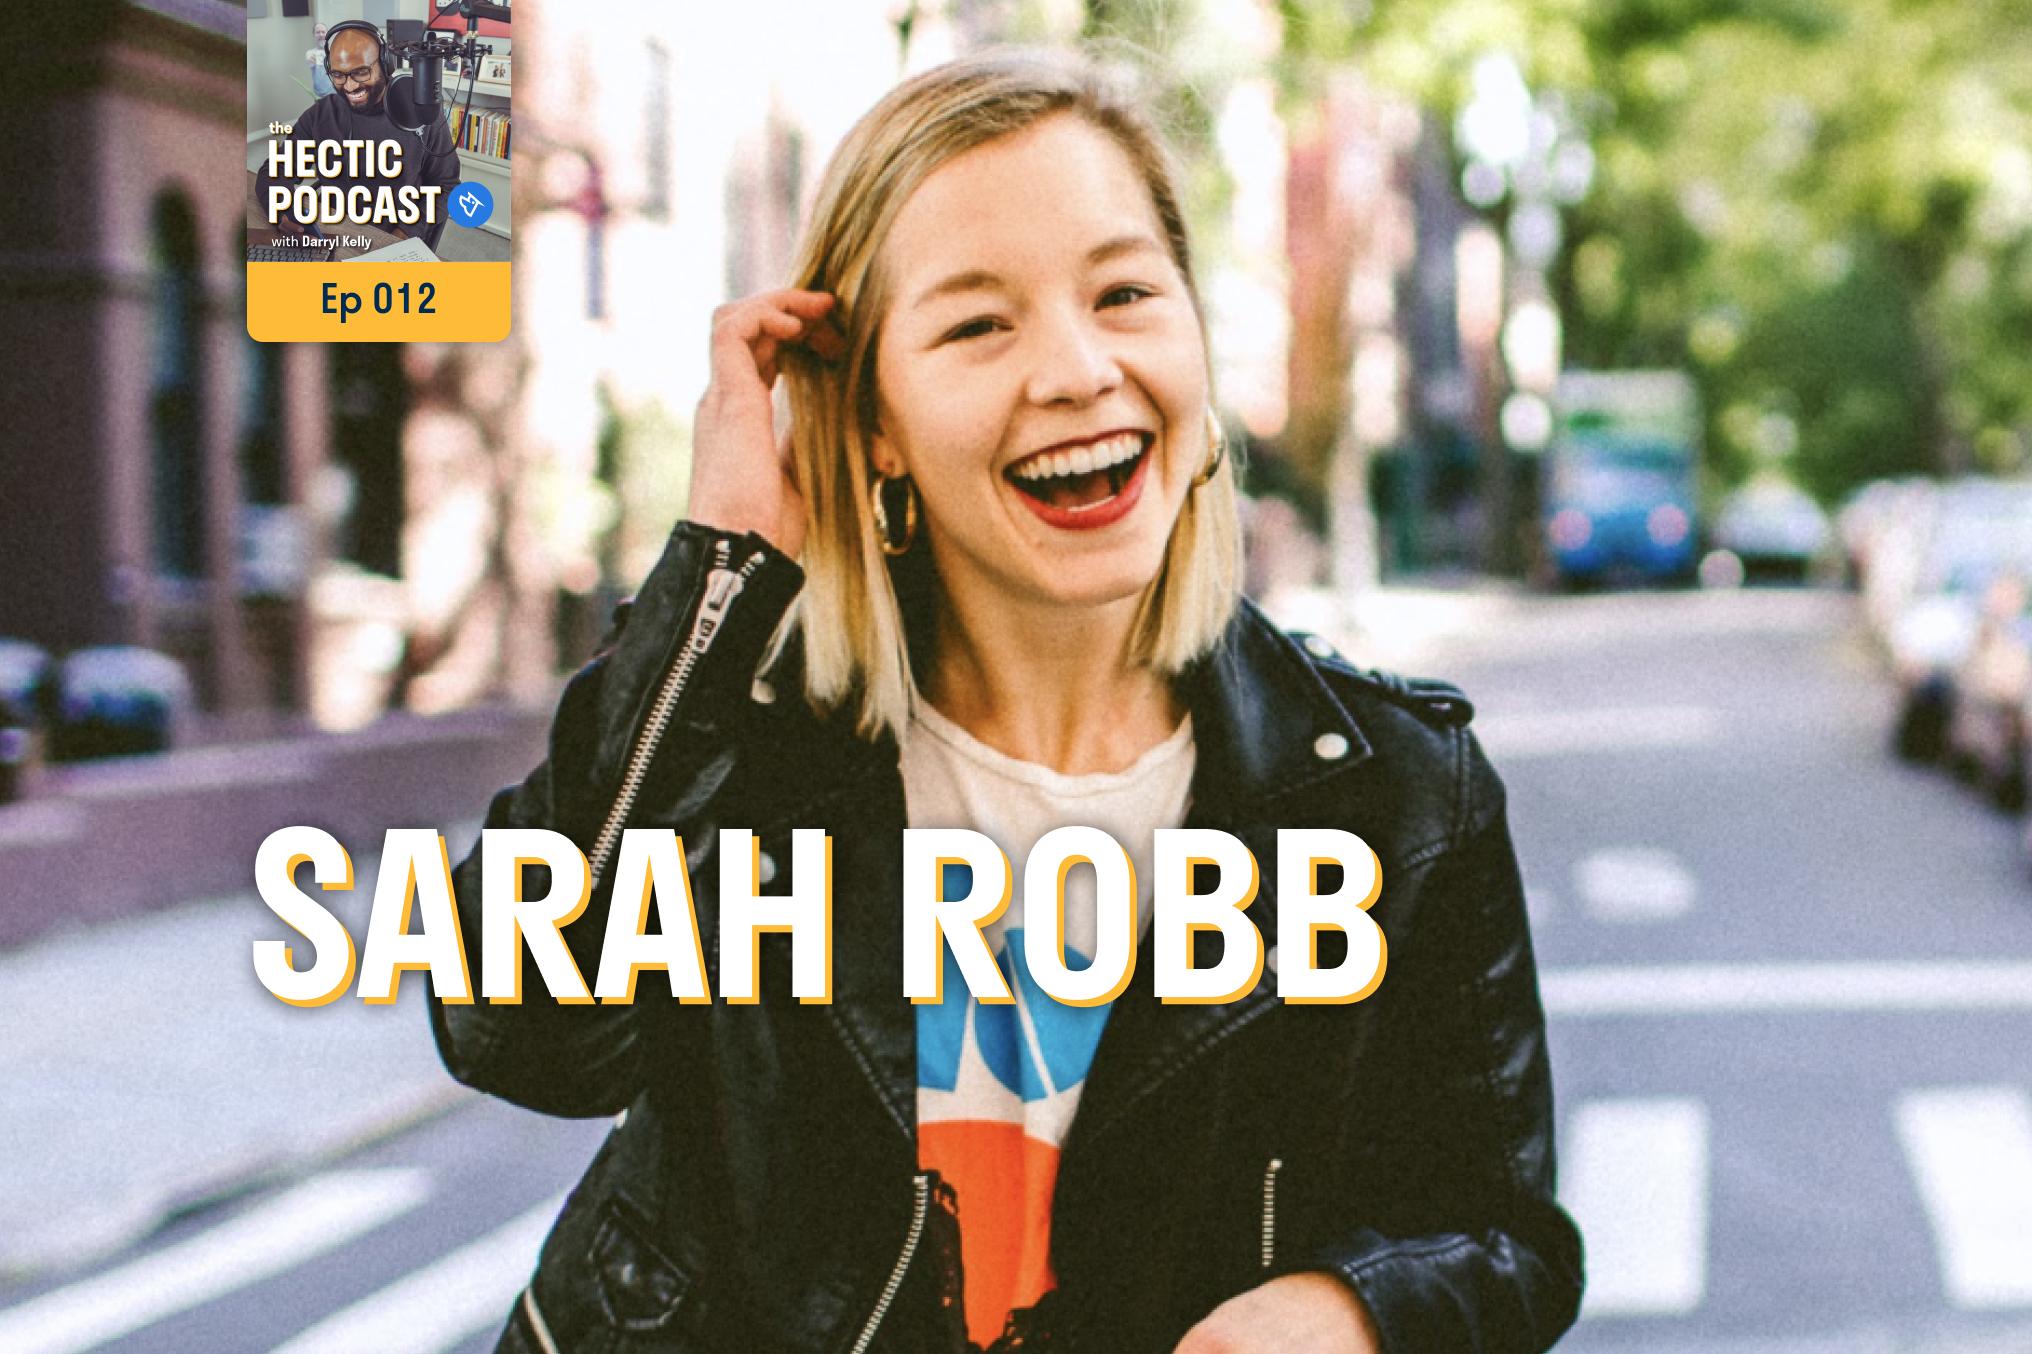 Sarah Robb